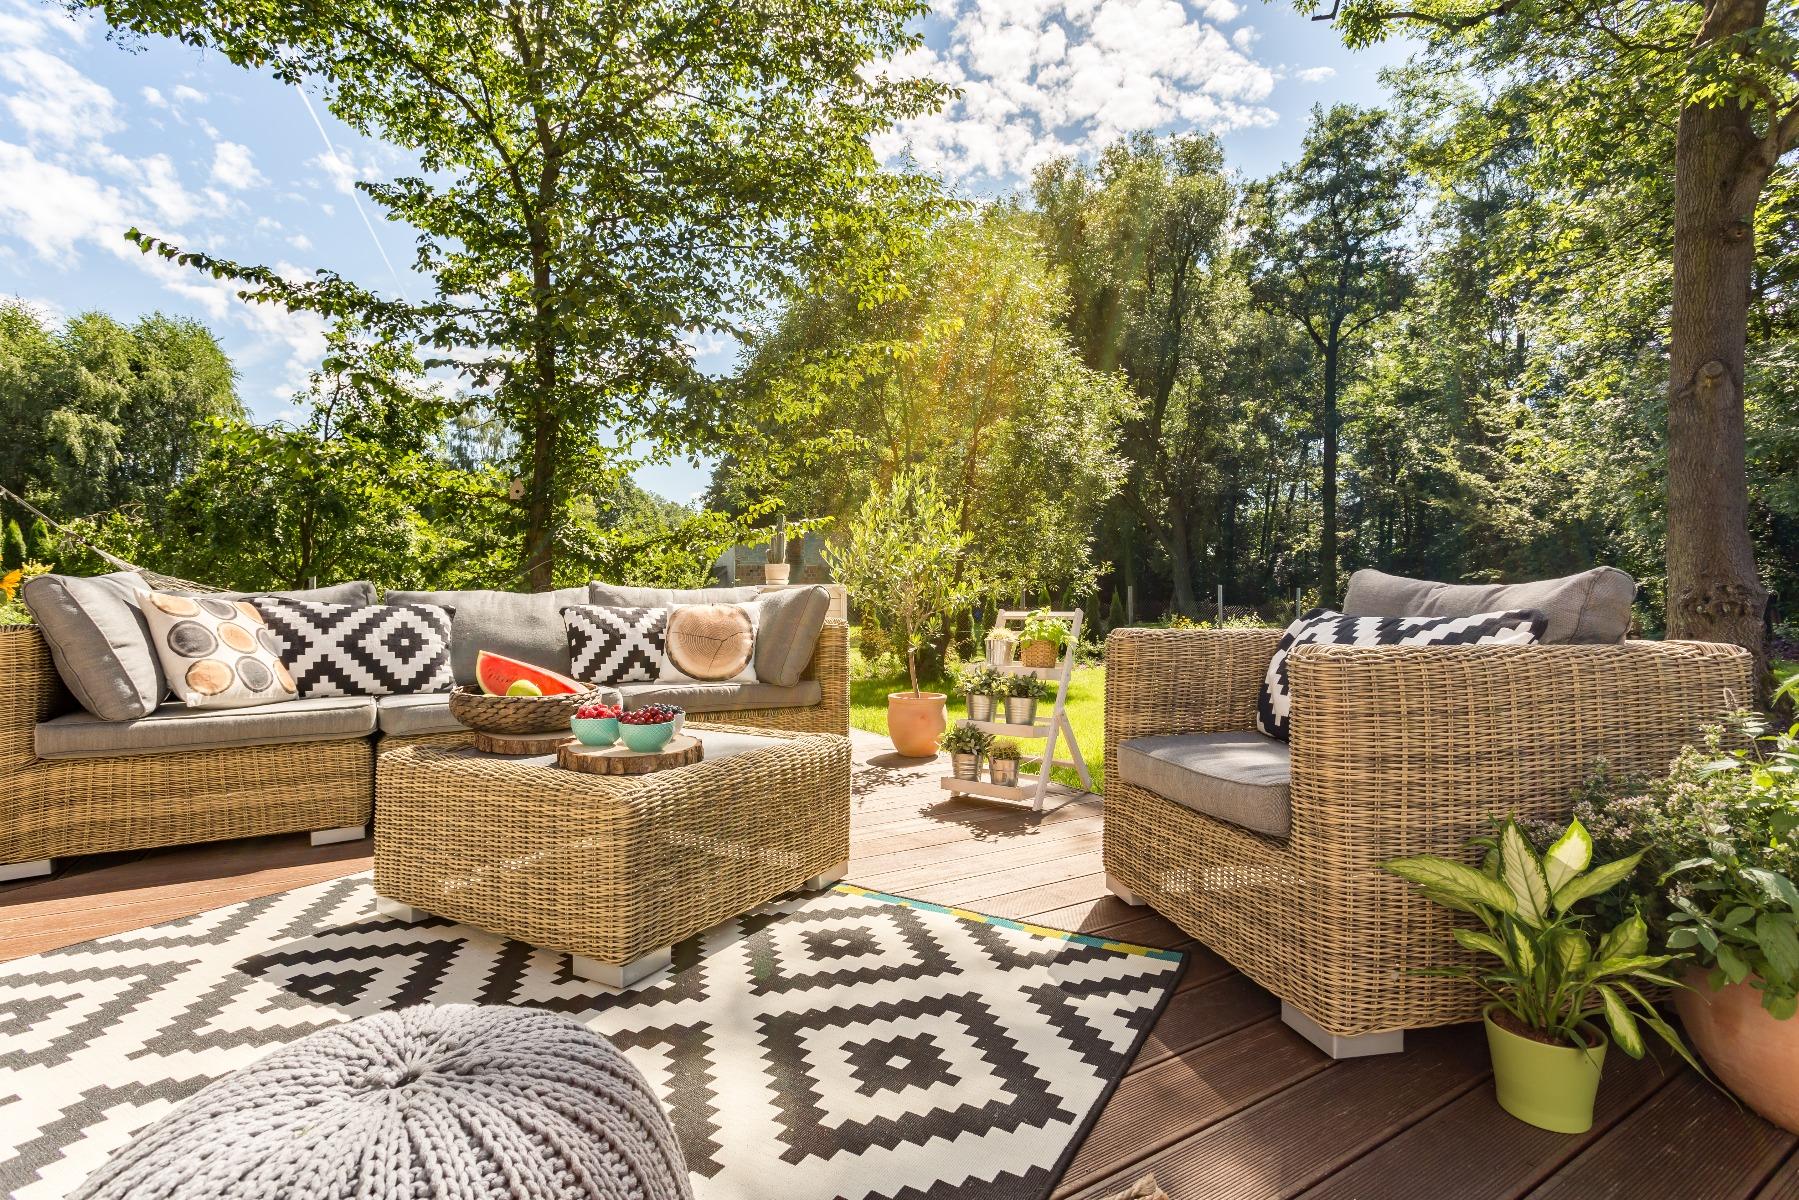 Das Bild zeigt einen schön gestalteten Garten.